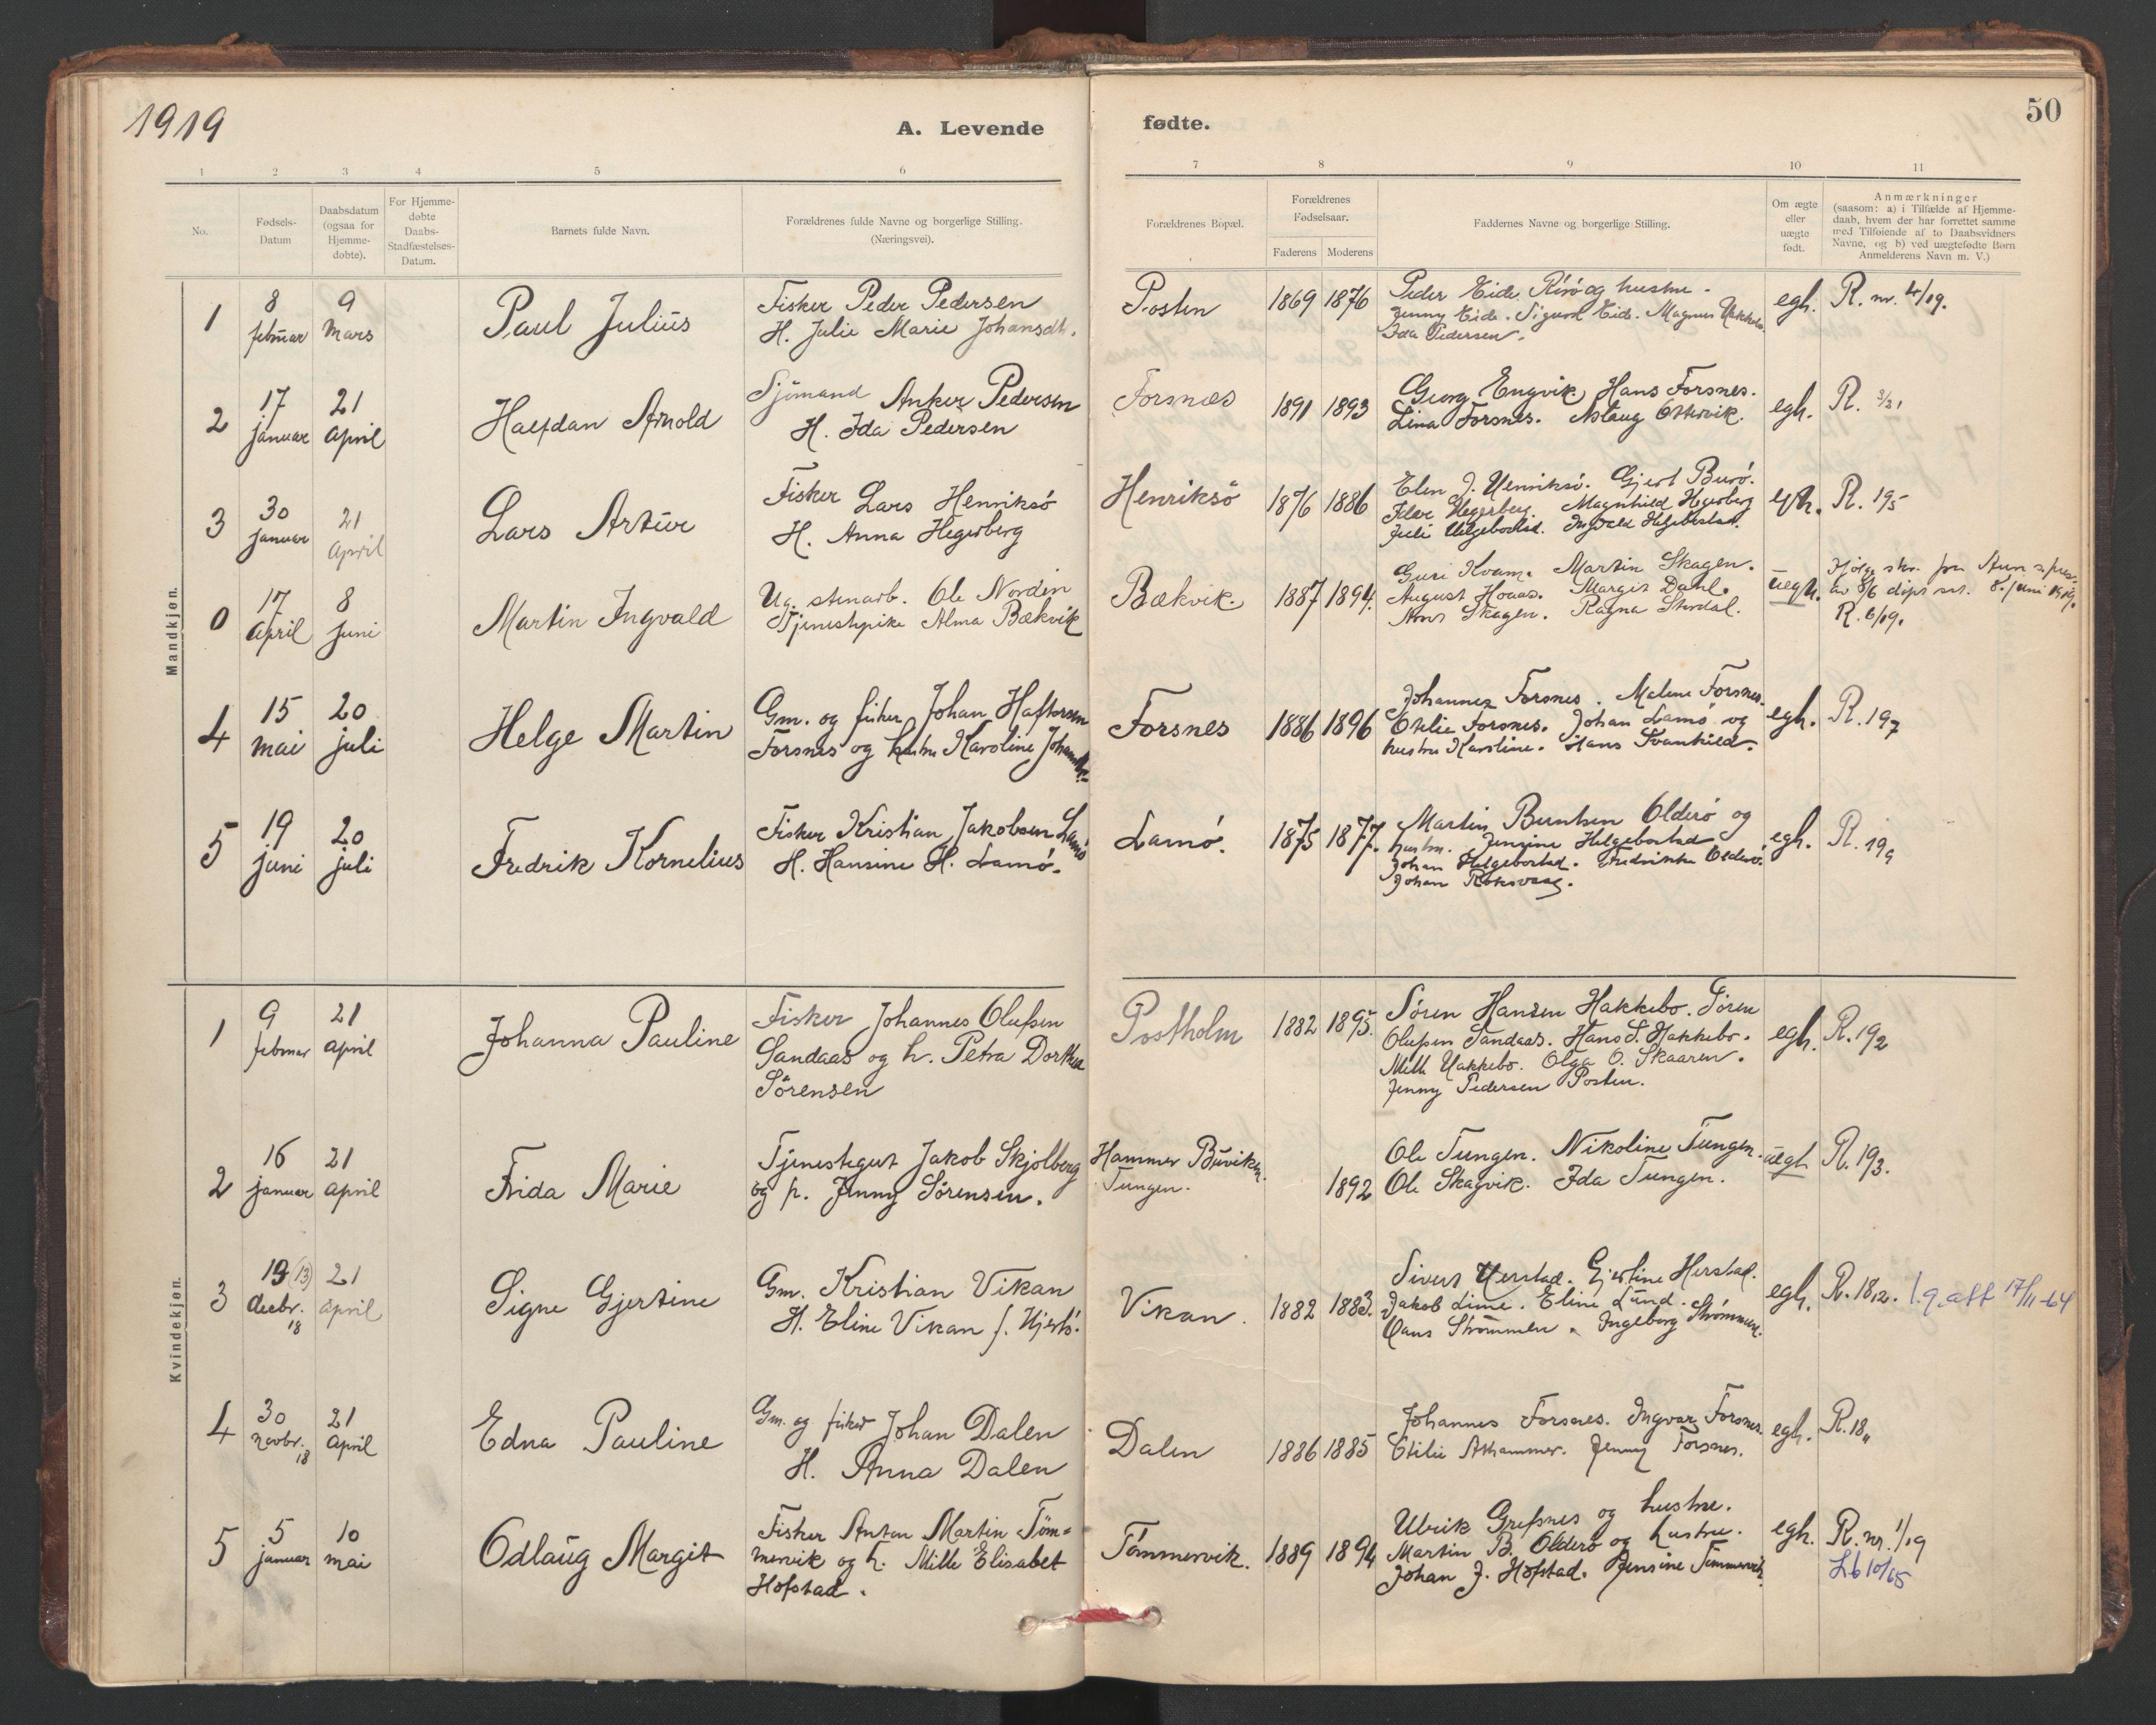 SAT, Ministerialprotokoller, klokkerbøker og fødselsregistre - Sør-Trøndelag, 635/L0552: Ministerialbok nr. 635A02, 1899-1919, s. 50